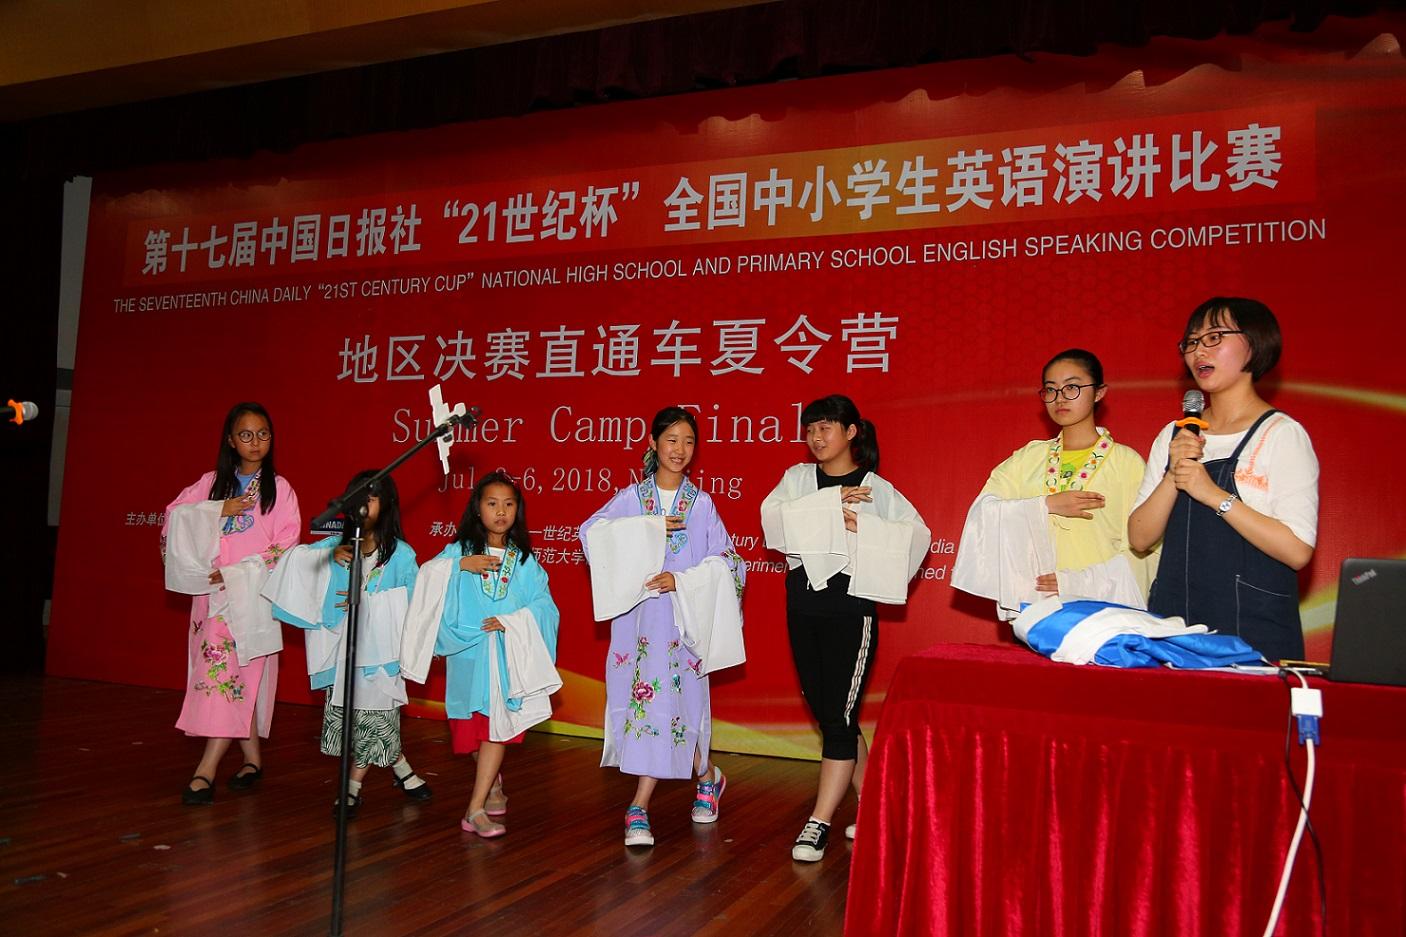 有趣升学宴演讲-附校 戏曲也很好玩 讲座与演出 光裕新闻 南京师范大学光裕戏曲社